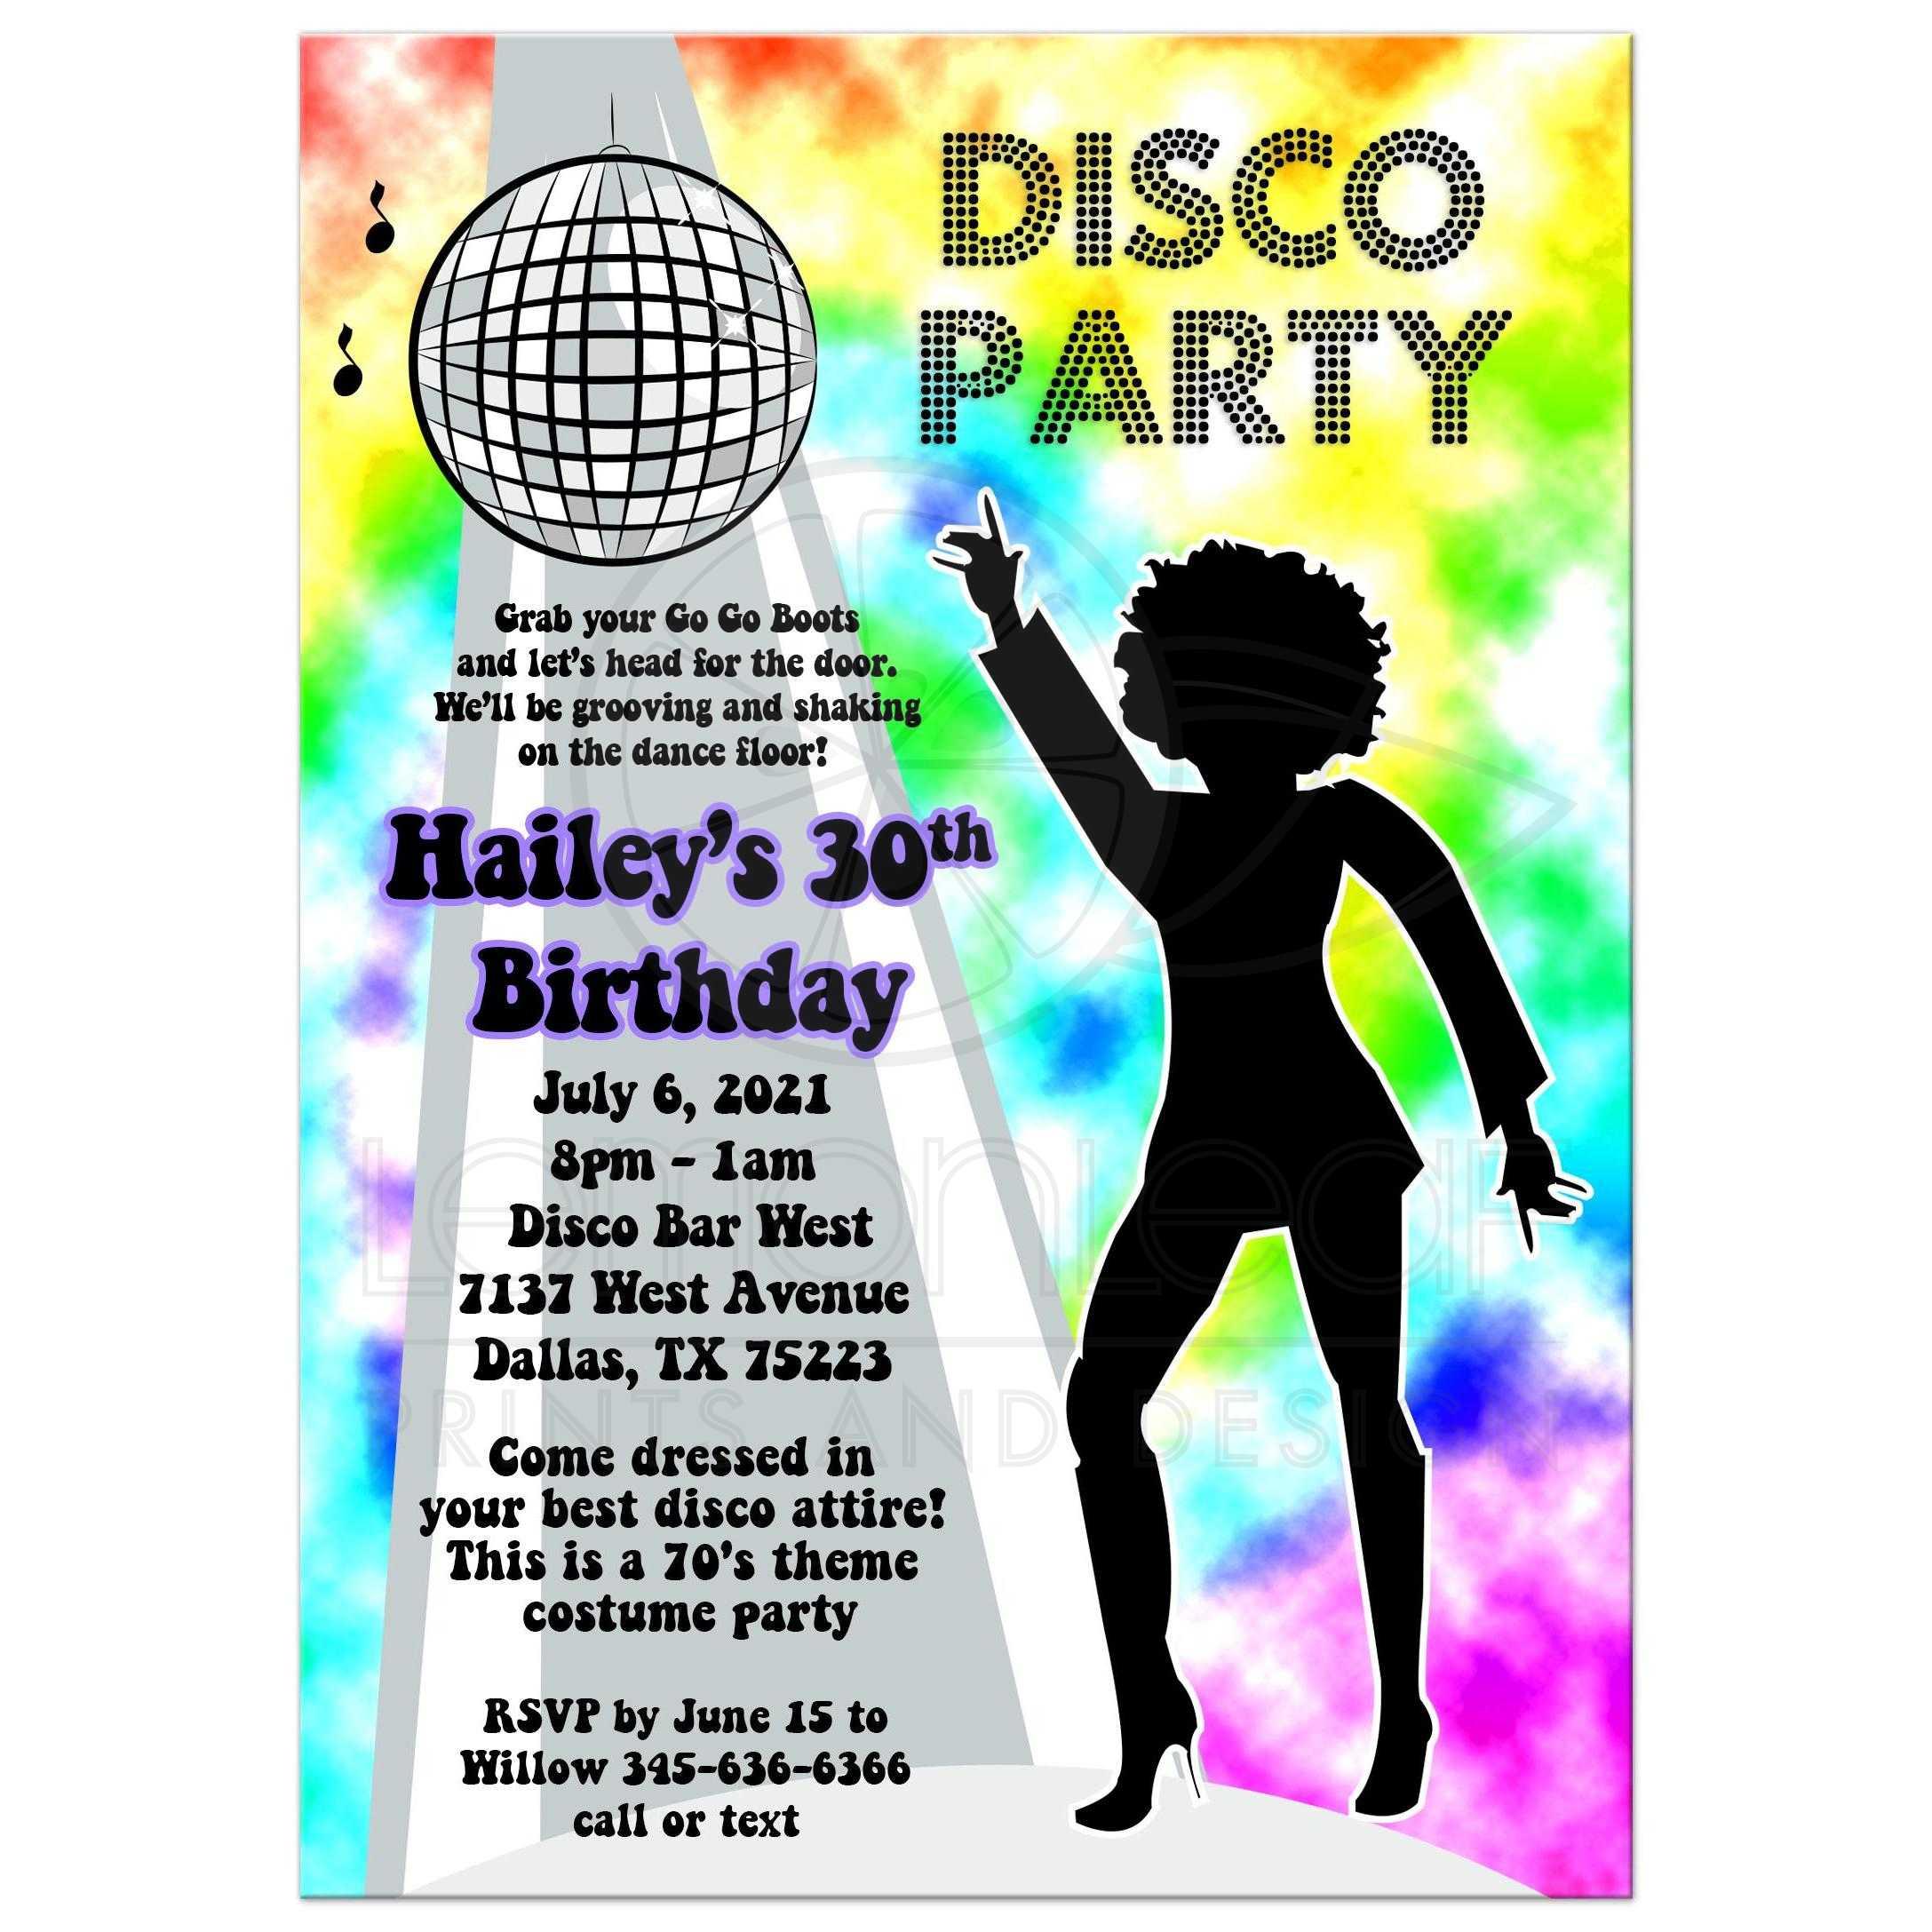 Rainbow Disco Ball 70 S Retro Theme Any Age Birthday Party Invitation Woman Girl